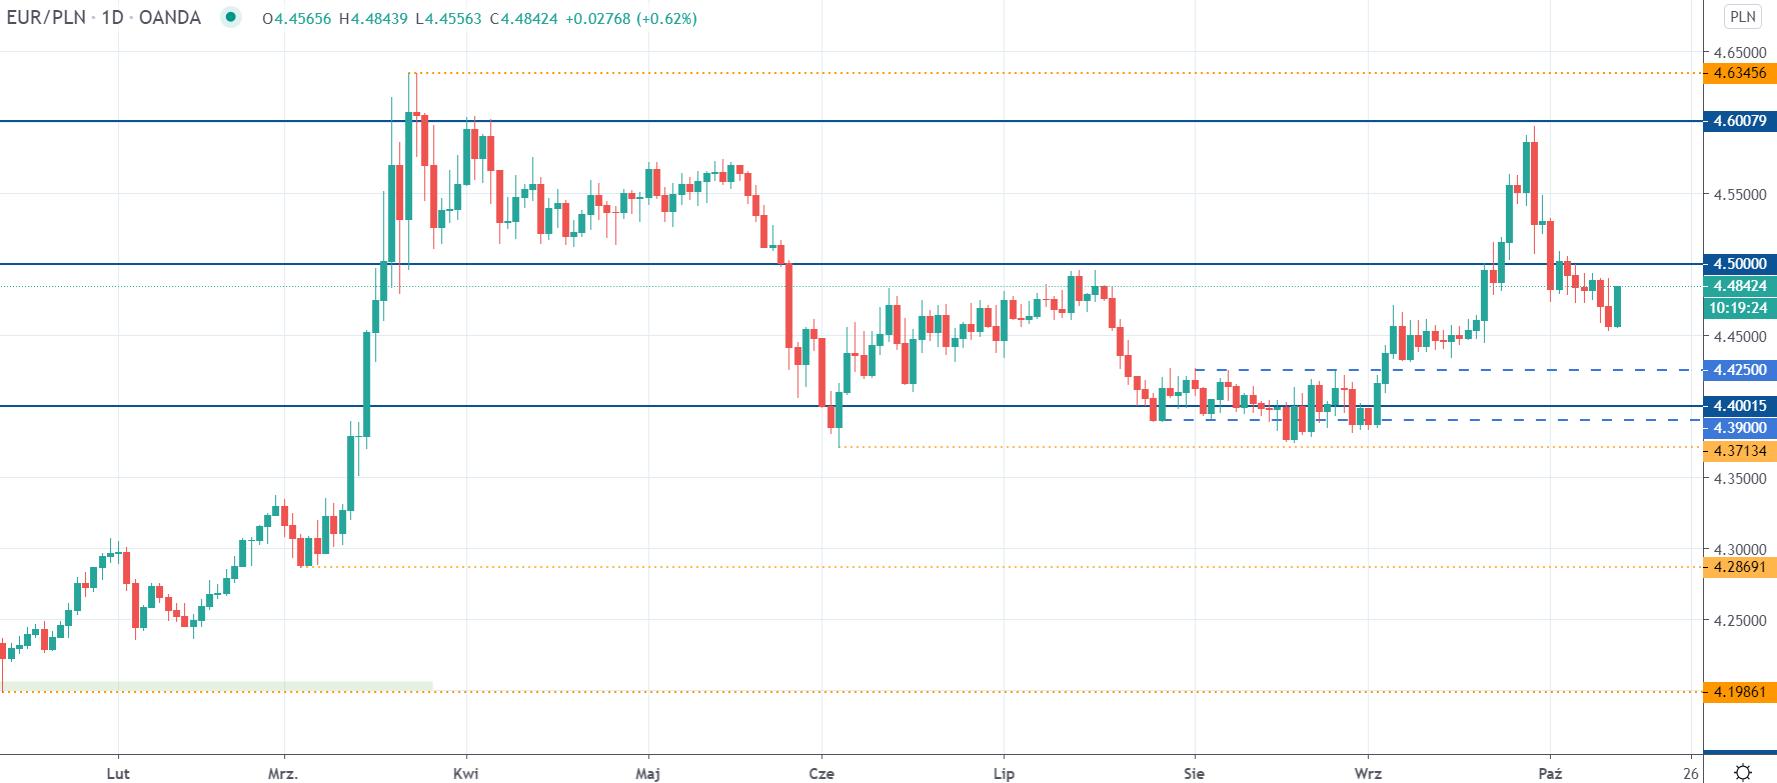 EURPLN ponownie blisko 4,50 zł. Kurs euro wykorzystuje słabość złotego